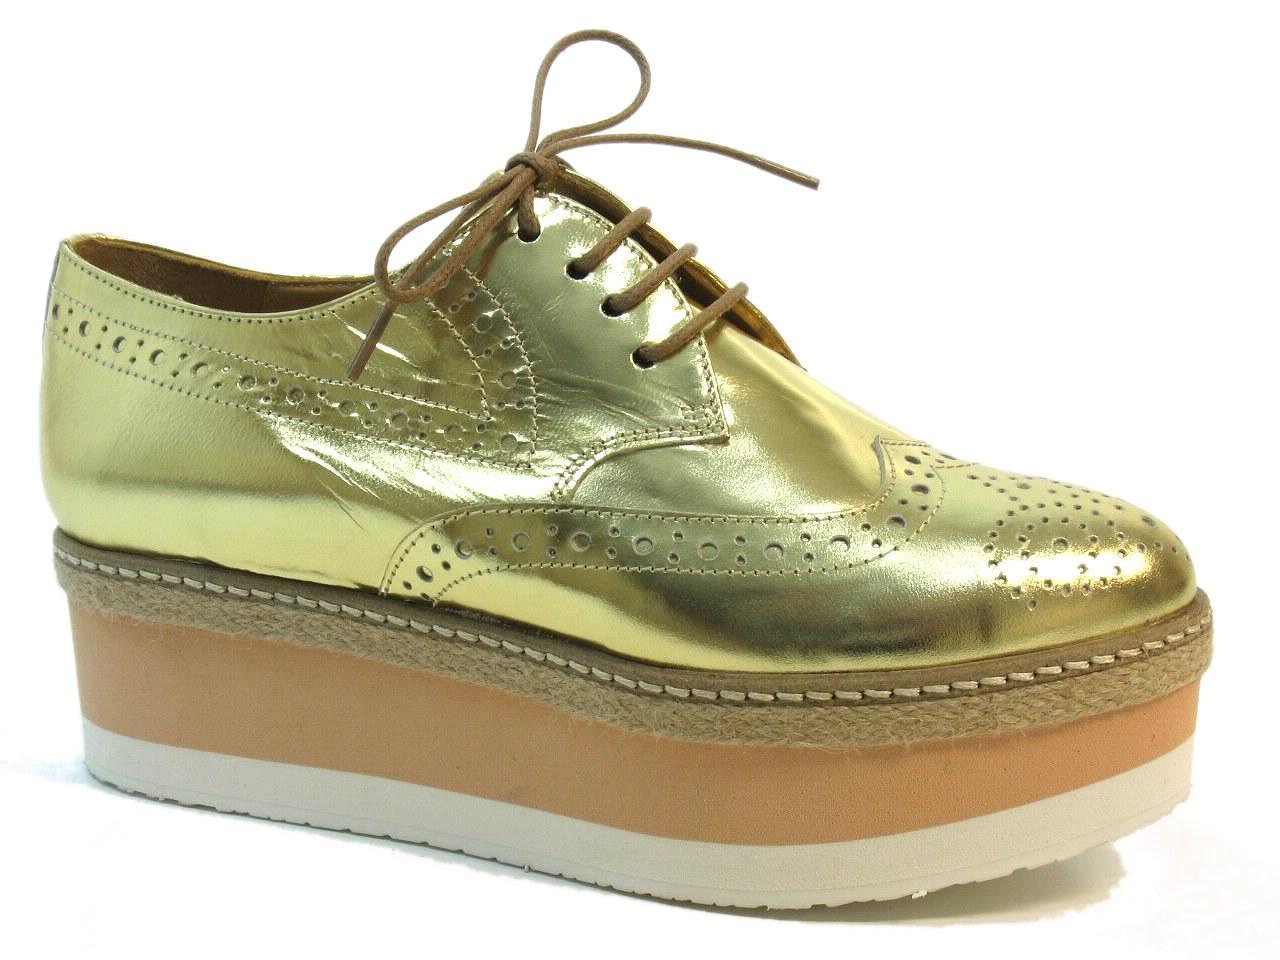 Chaussures à Talons Compensés Anónima - 469 6632